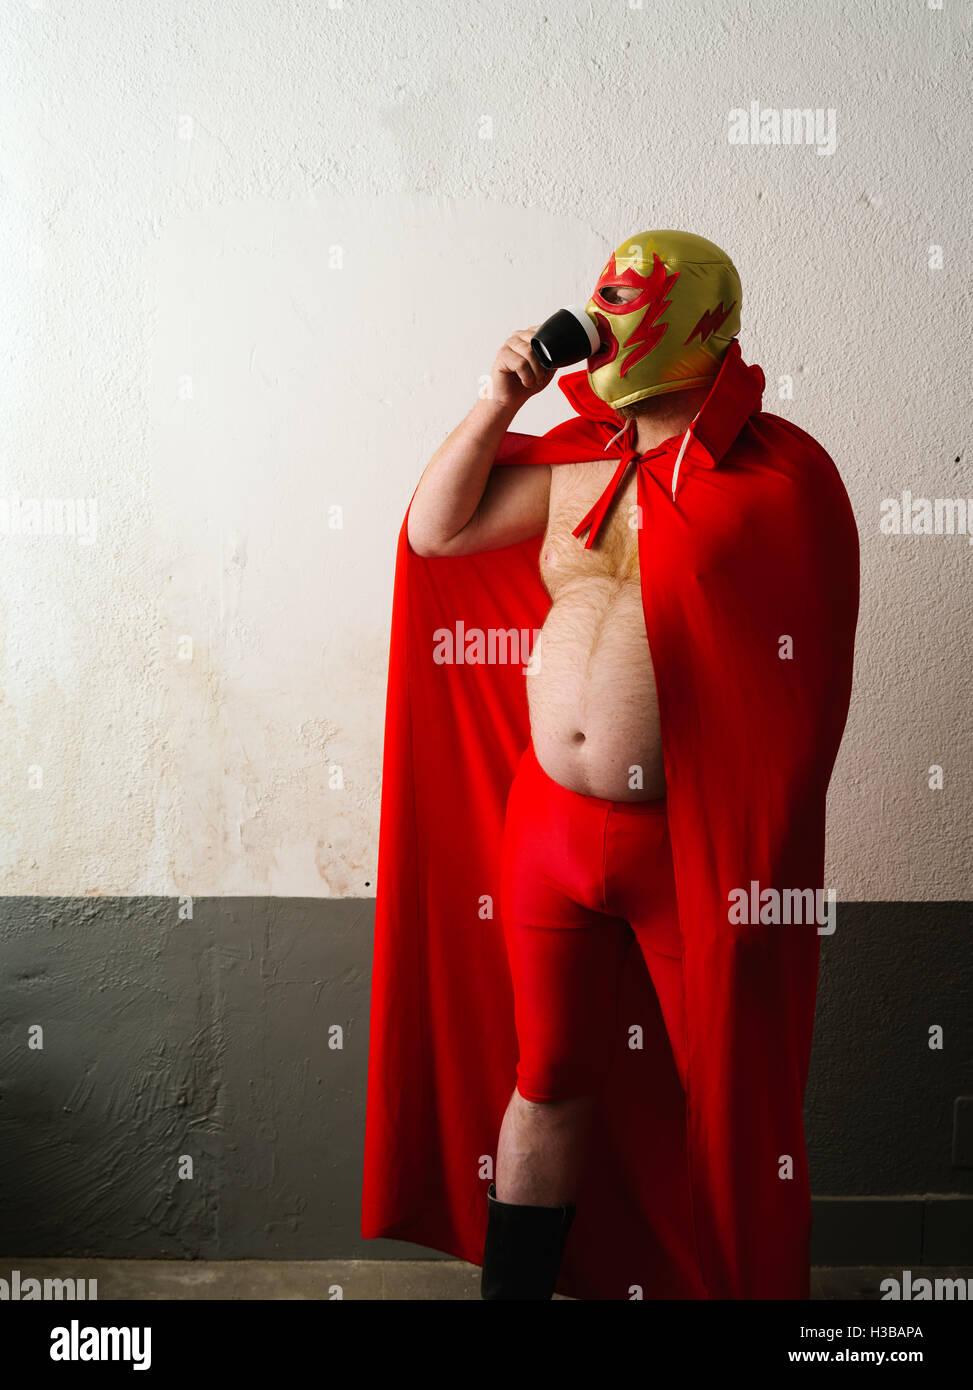 Fotografia di un wrestler messicano o Luchador bere caffè prima della sua lotta. Immagini Stock